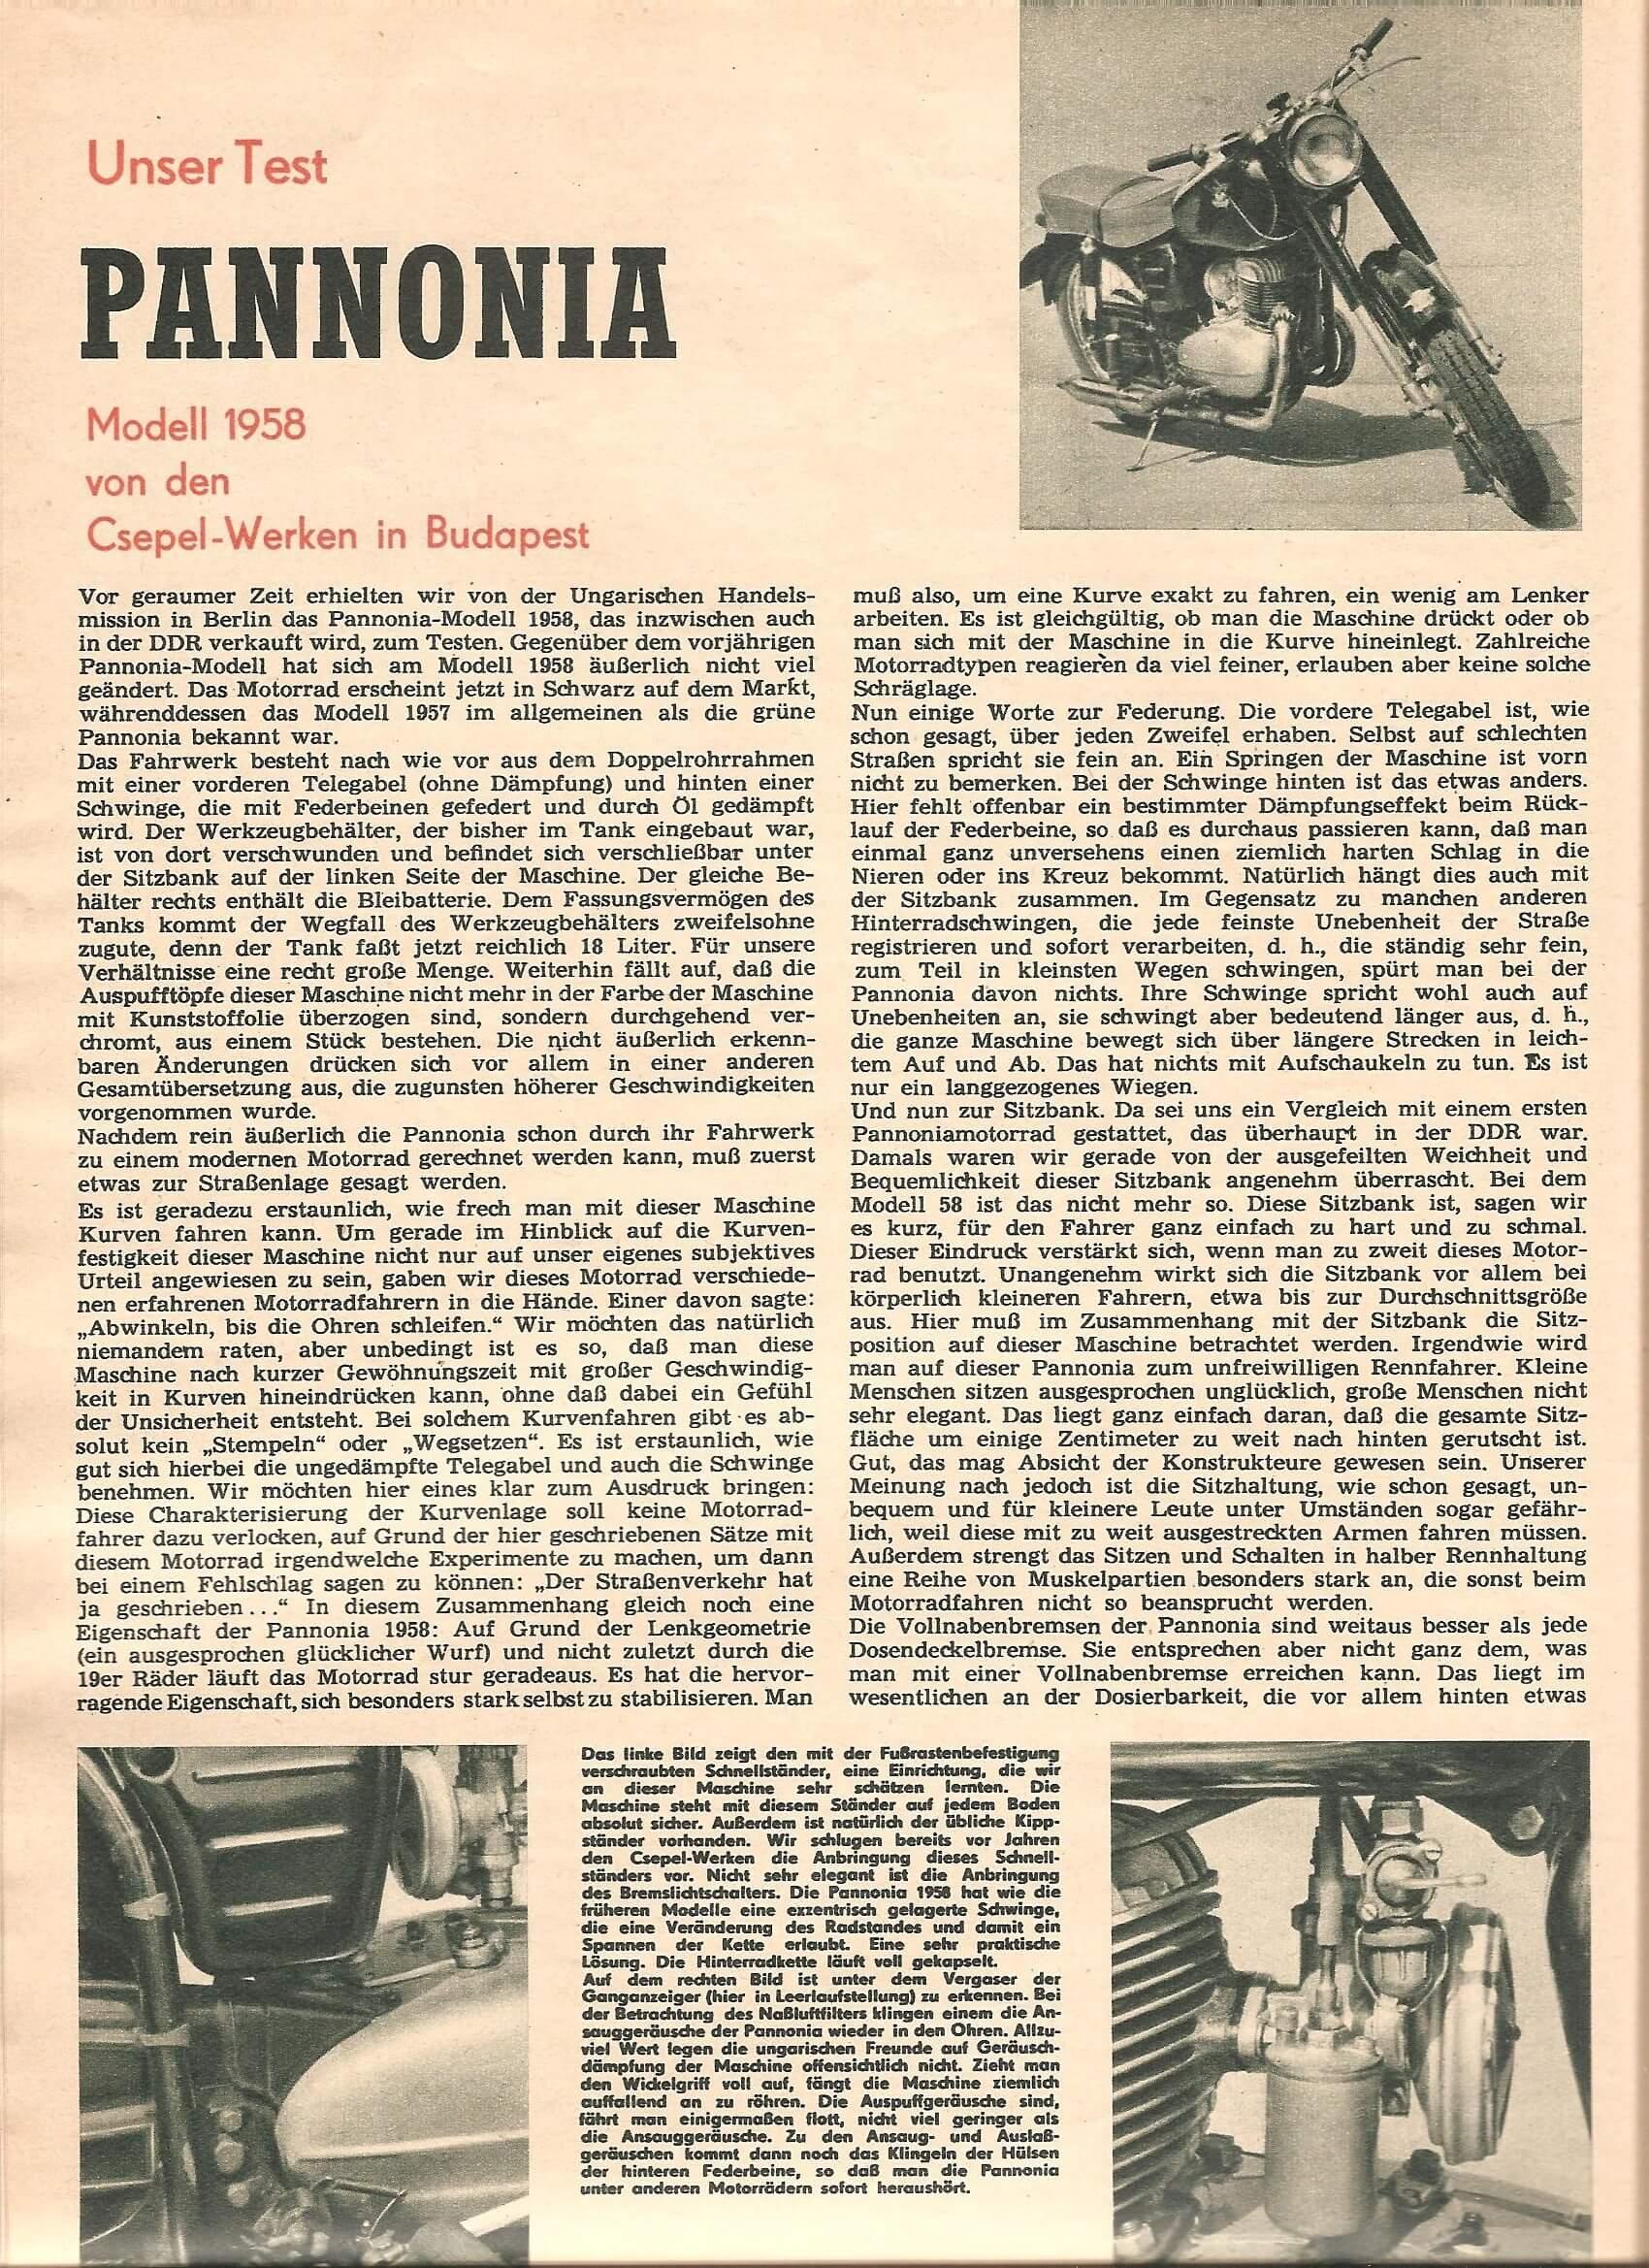 Pannonia Gast bei DSV